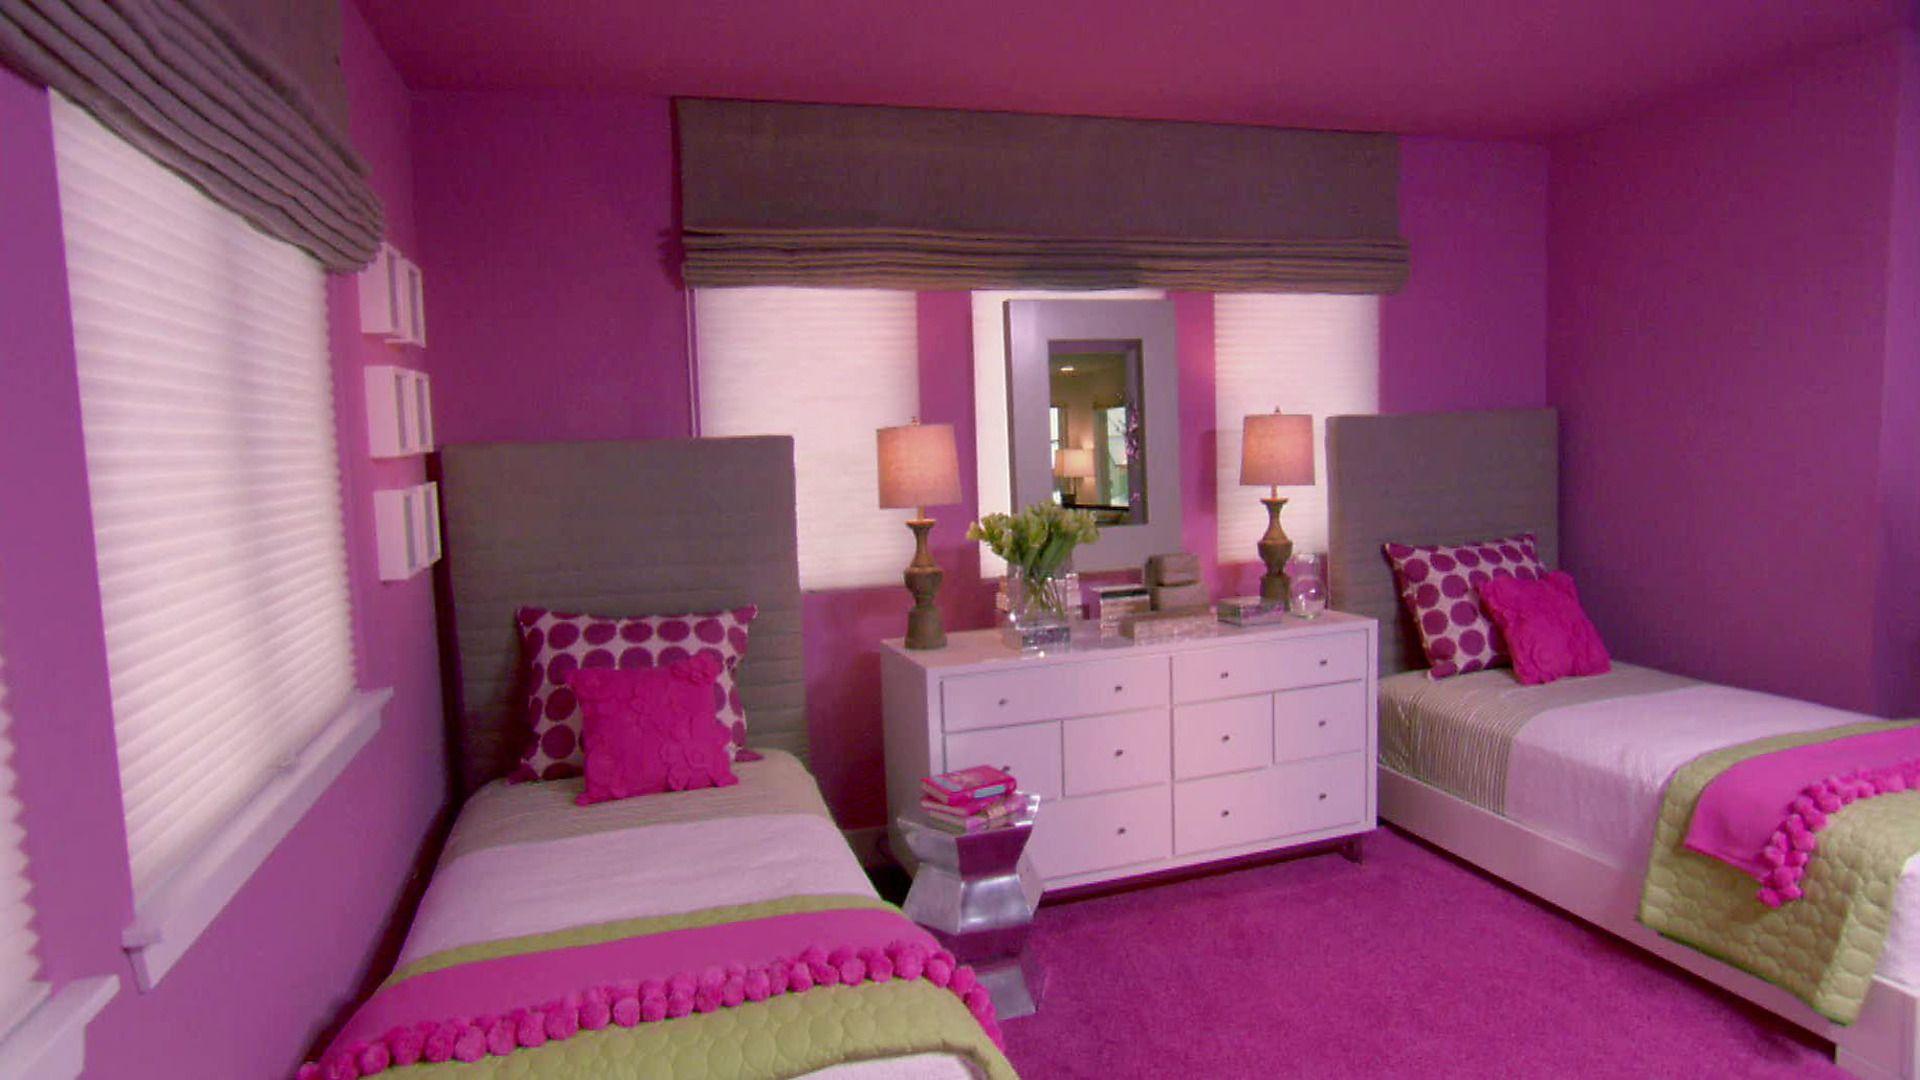 Kinderzimmer Ideen Fur Madchen Lila Schlafzimmer Madchen Kleine